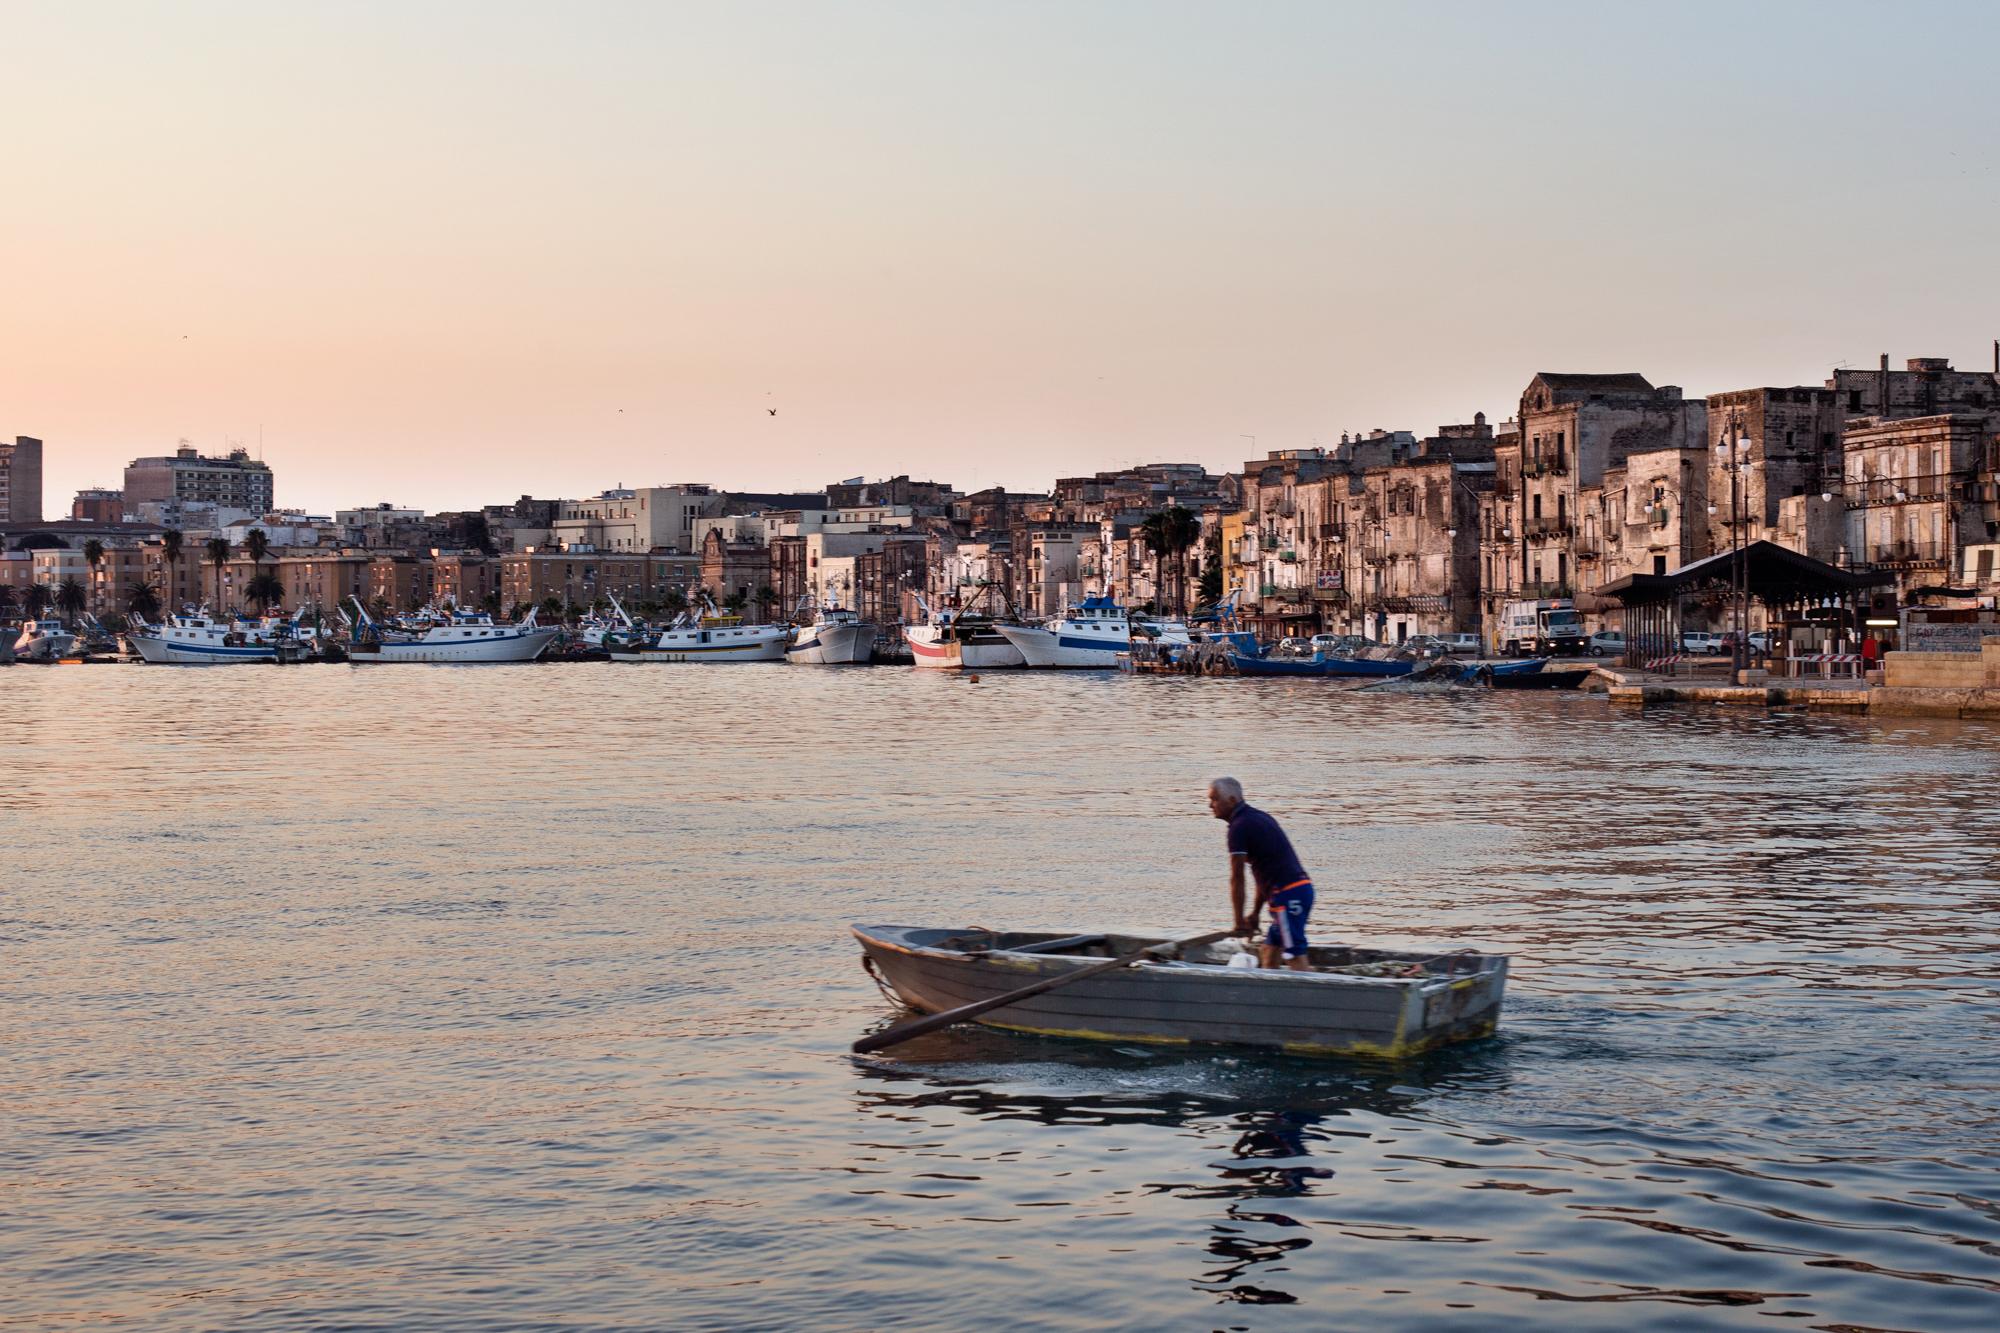 Taranto, Italia, 28 Settembre 2013. Mattina presto sul Mar Piccolo.